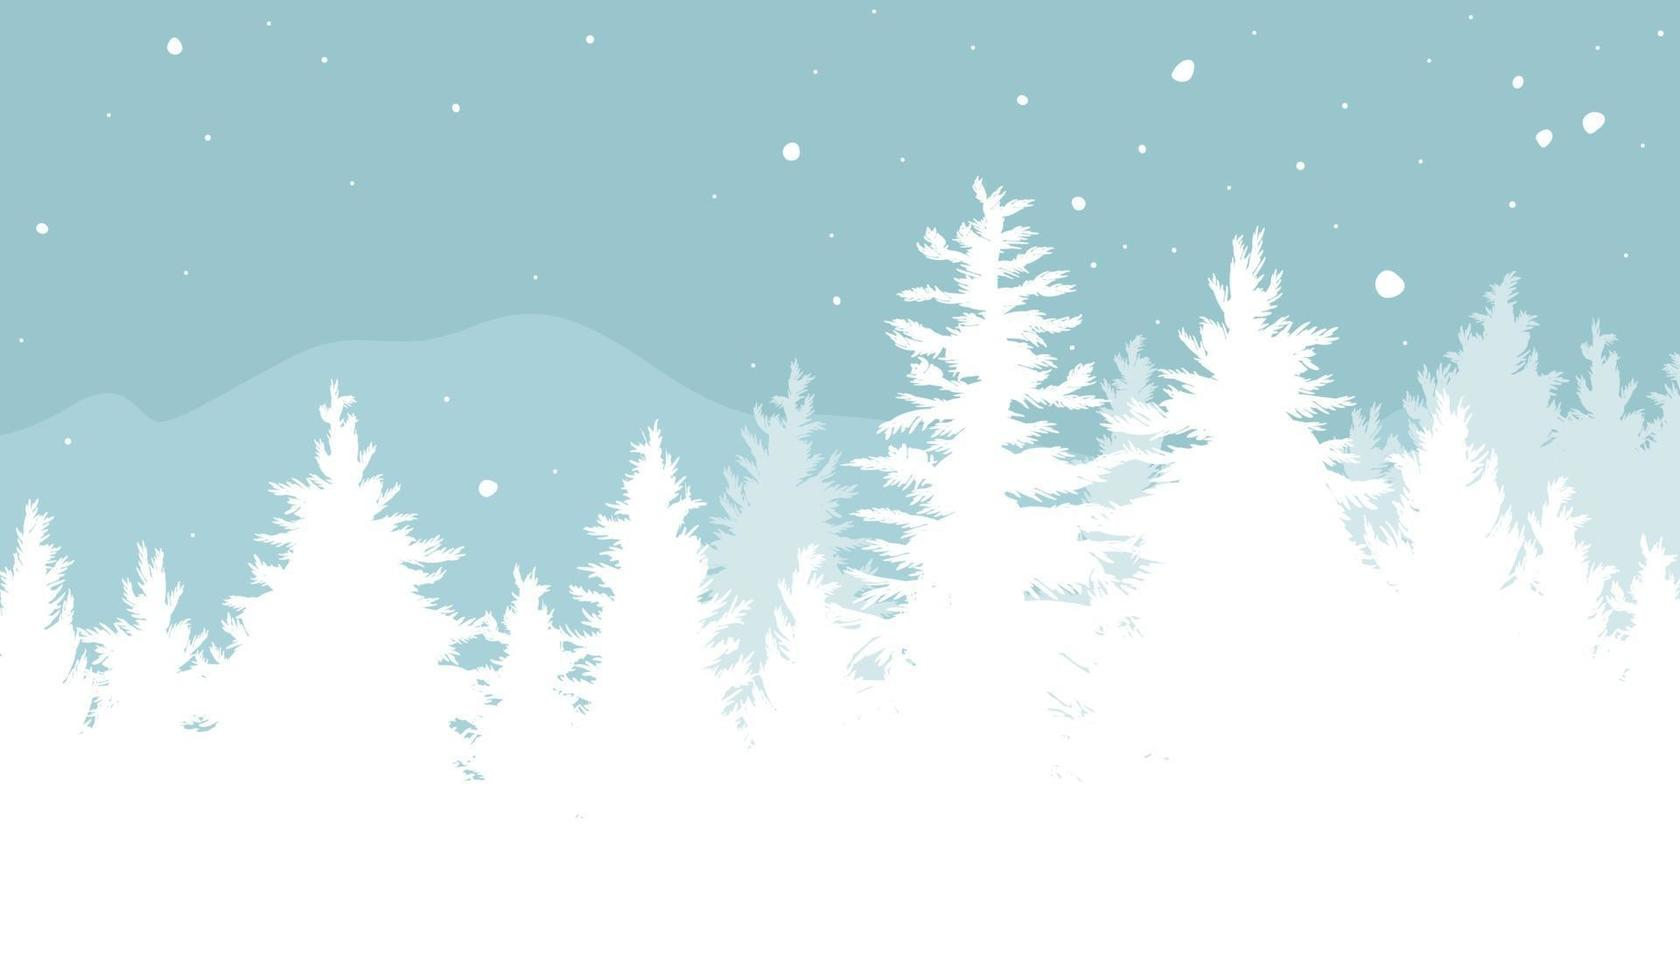 Diseño de fondo de Navidad de abetos con nieve cayendo en la ilustración de vector de invierno